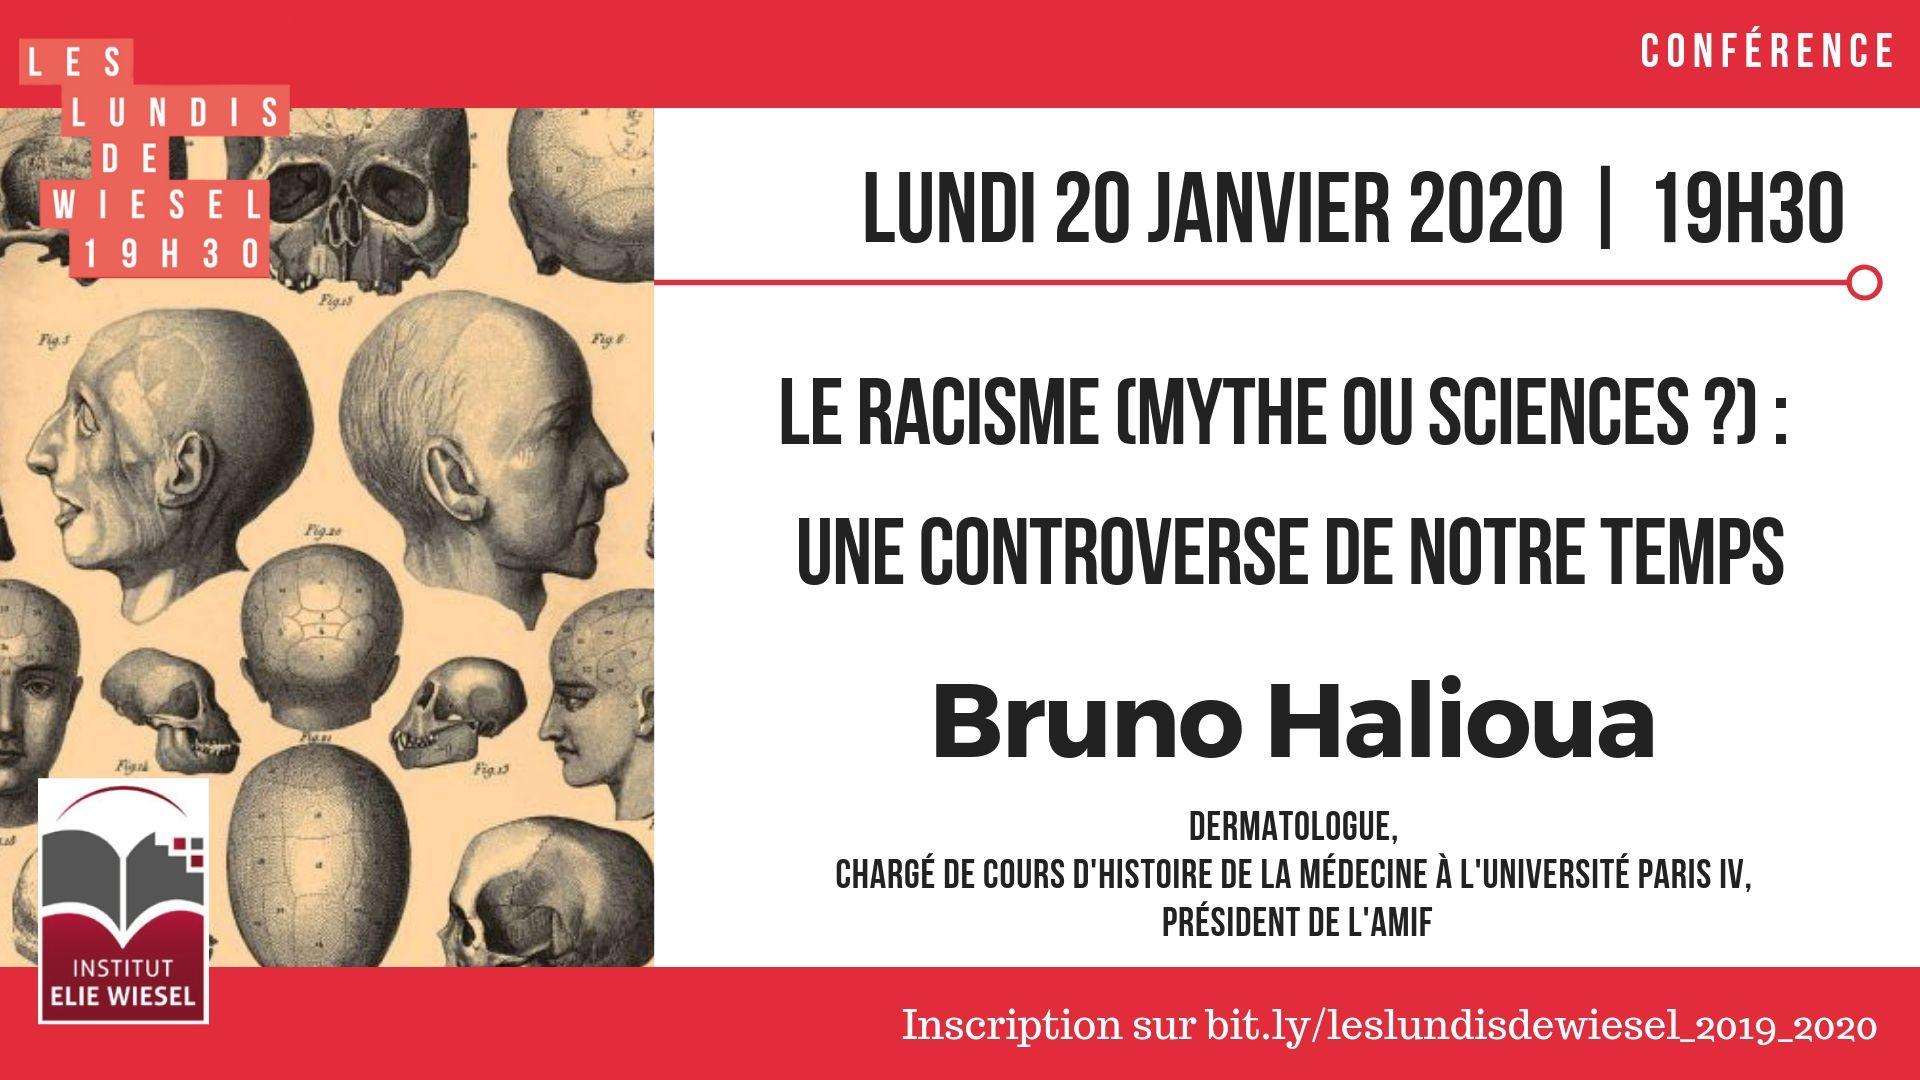 Le racisme, mythe ou science ? : Une controverse de notre temps, avec Bruno Halioua